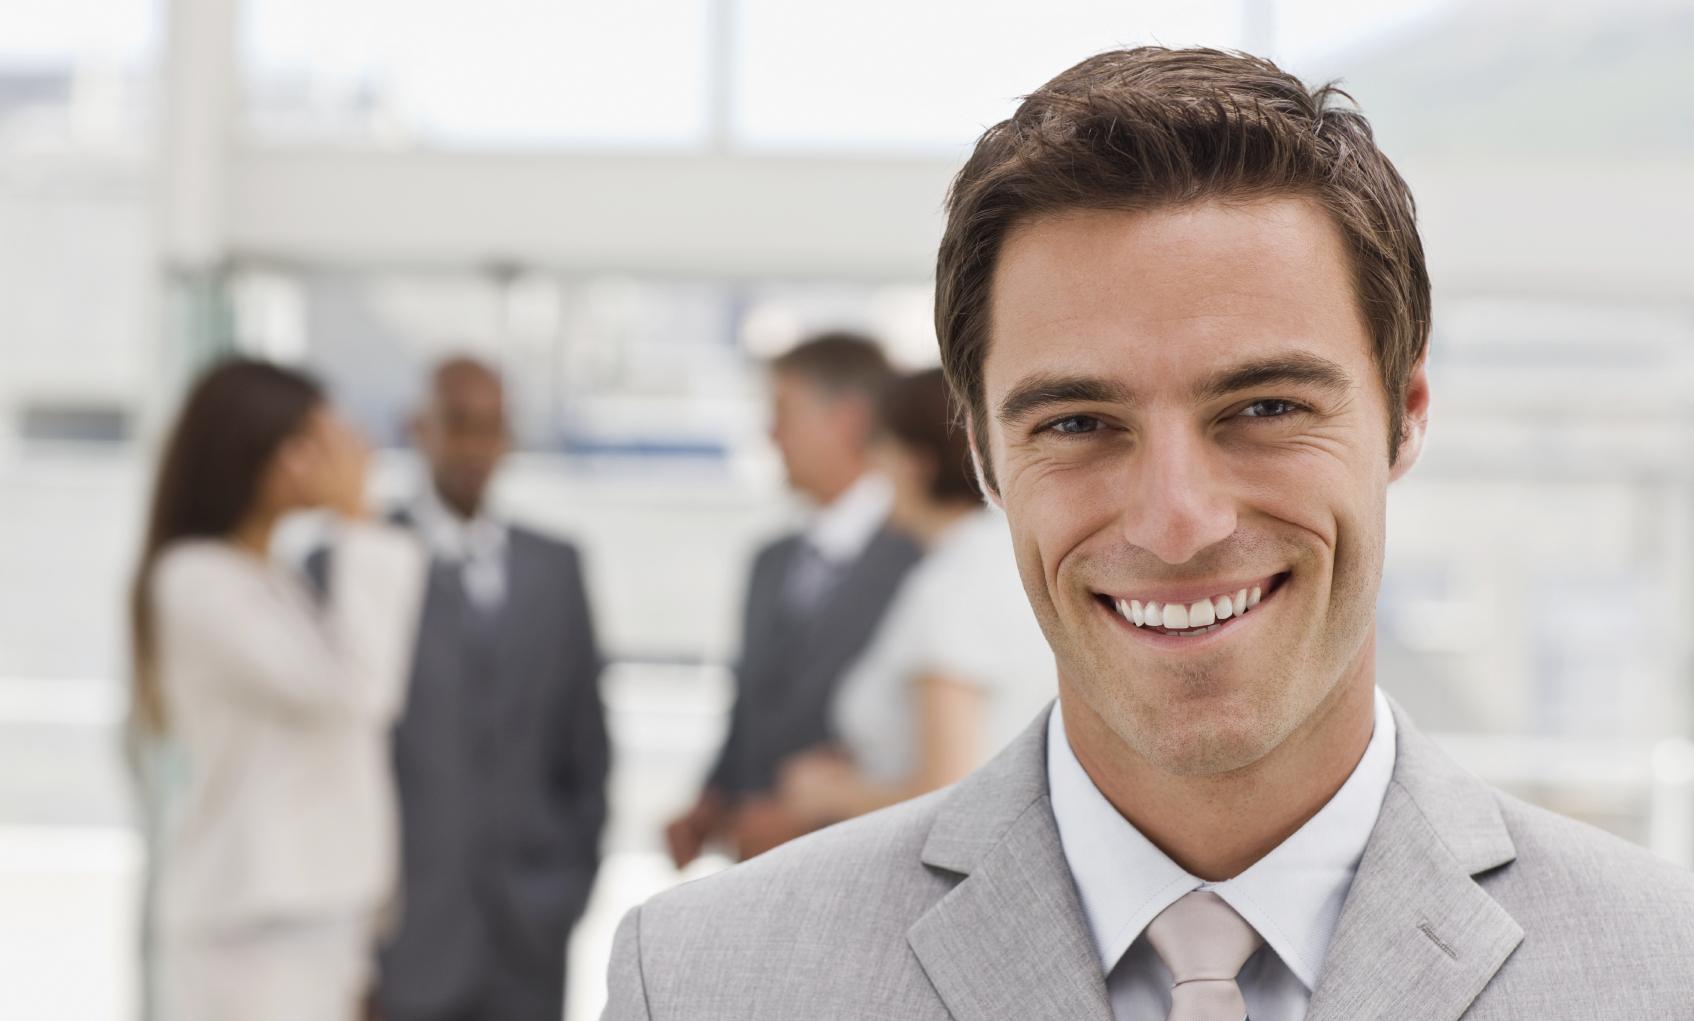 Невербалика: Читаем мысли партнеров и клиентов